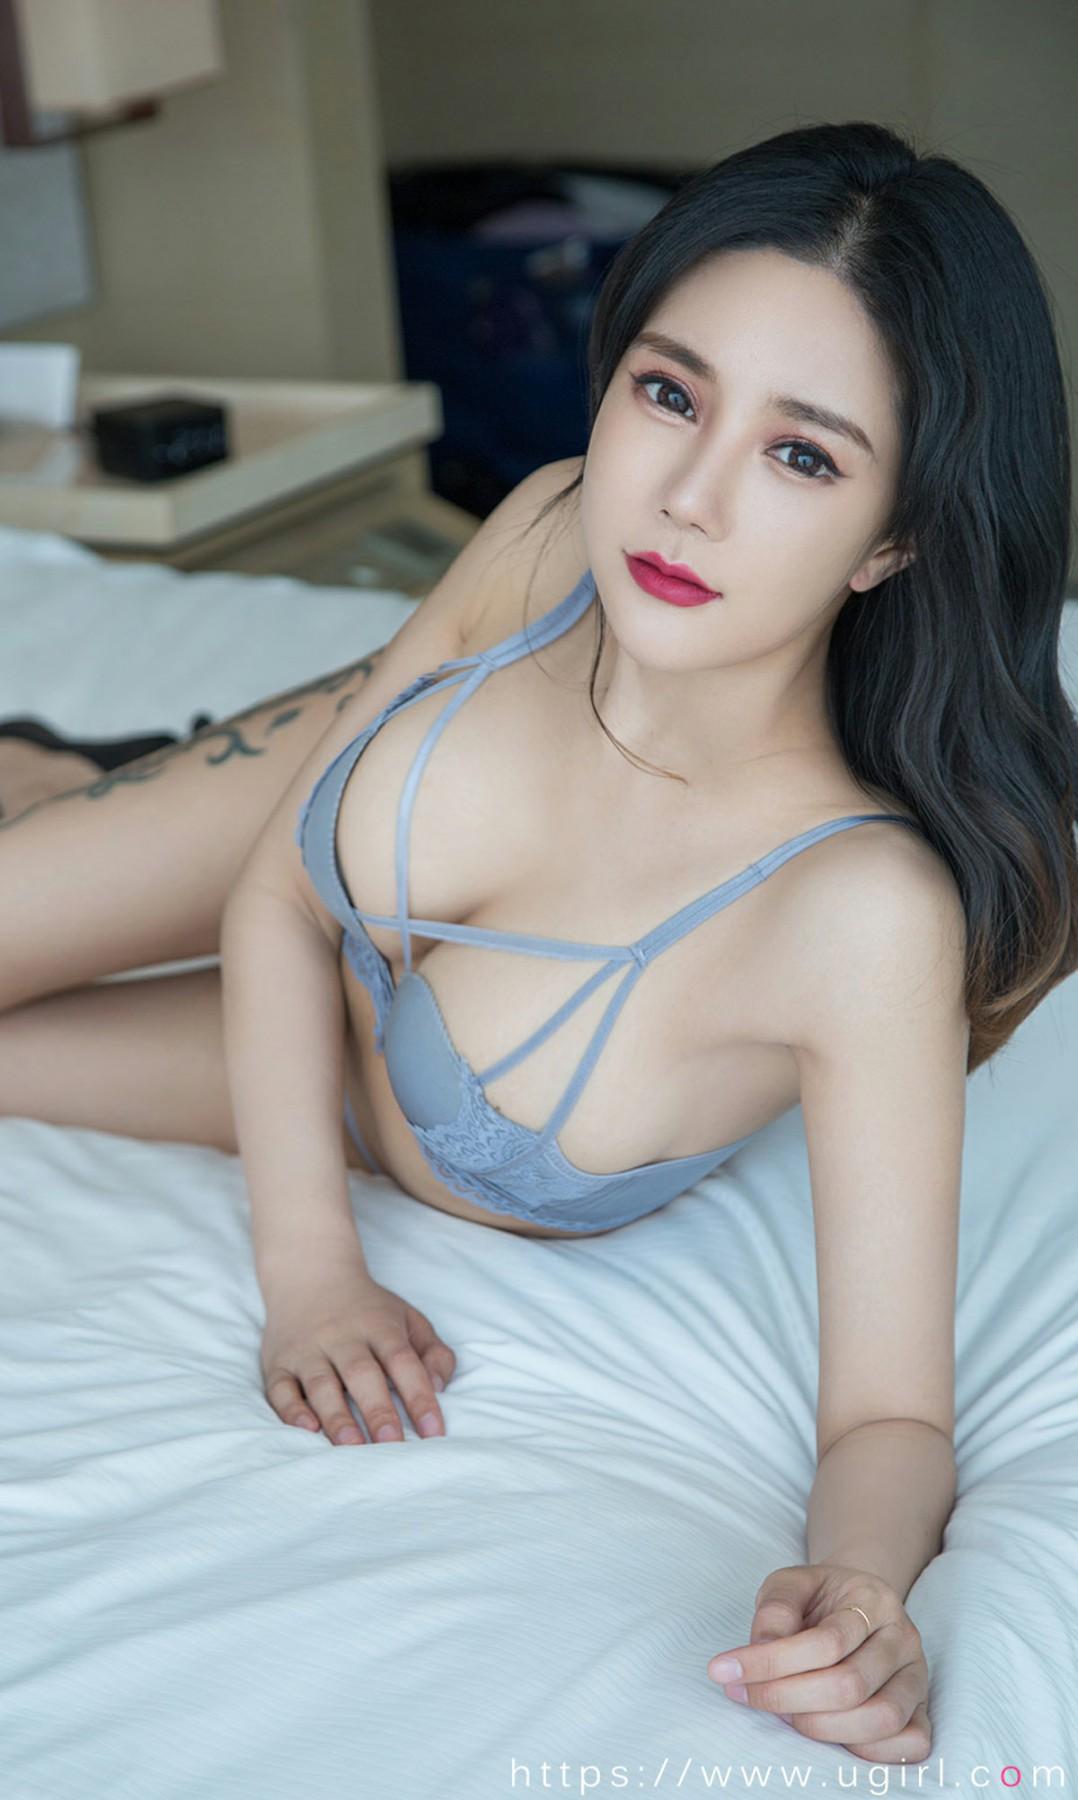 [Ugirls尤果网]爱尤物 2020.06.03 No.1836 王暖暖 日更之恋 第4张